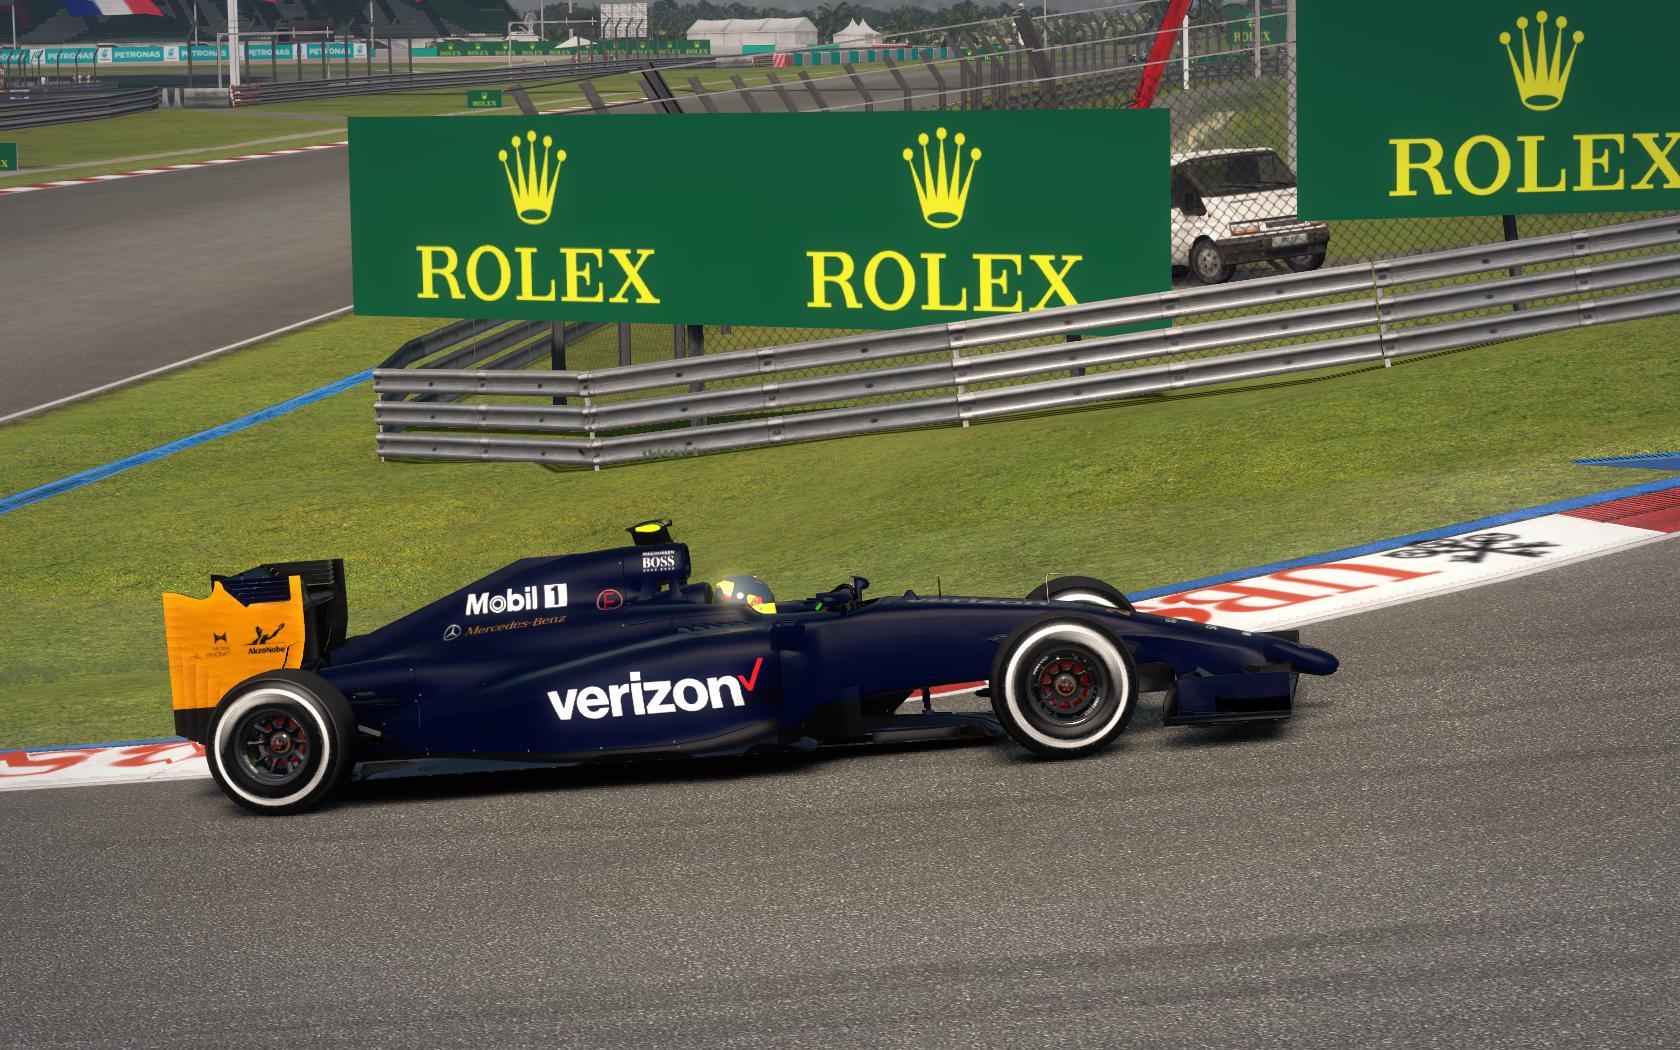 F1_2014 2016-04-16 14-15-18-76.jpg